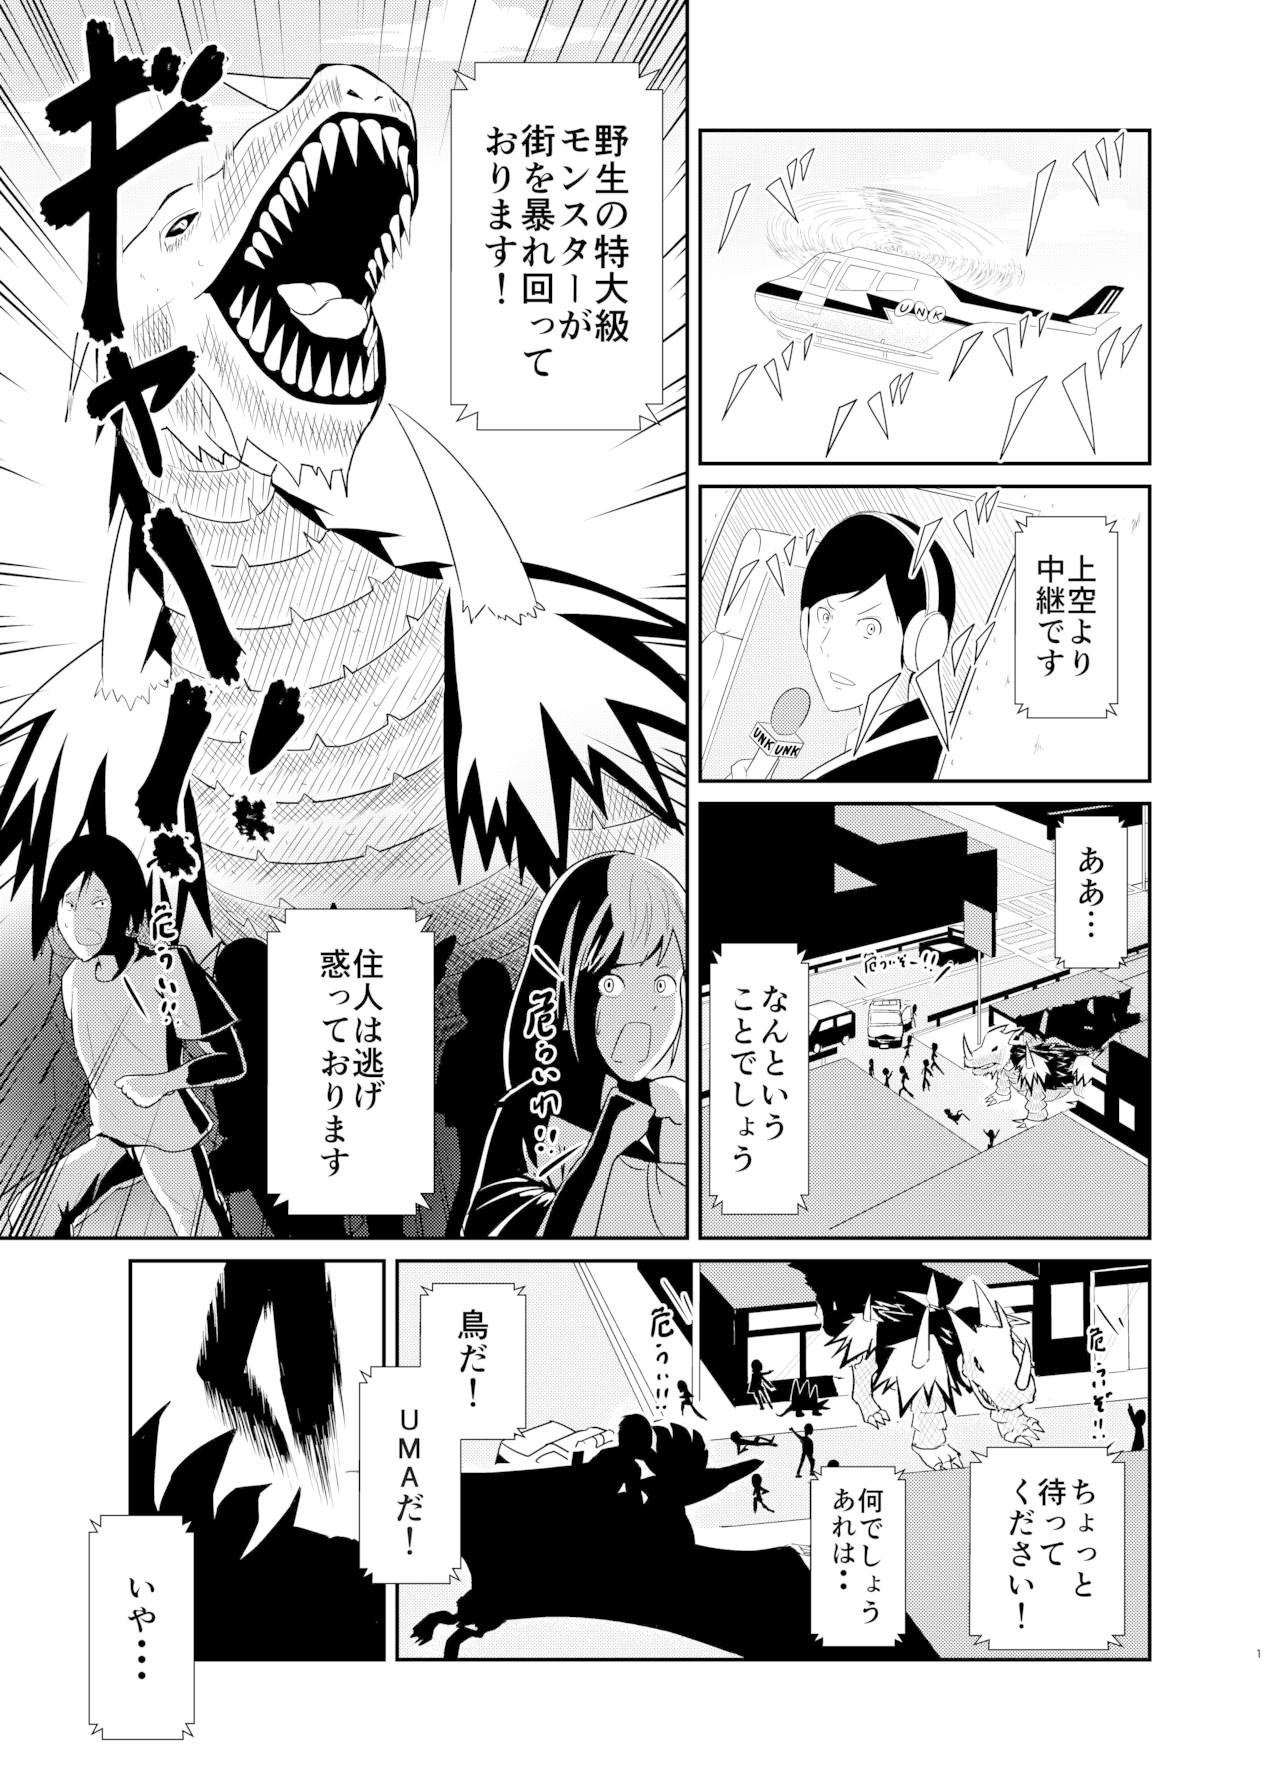 モンスターハンティング(ジャンプSQ 漫画賞 最終候補まであと一歩 ...